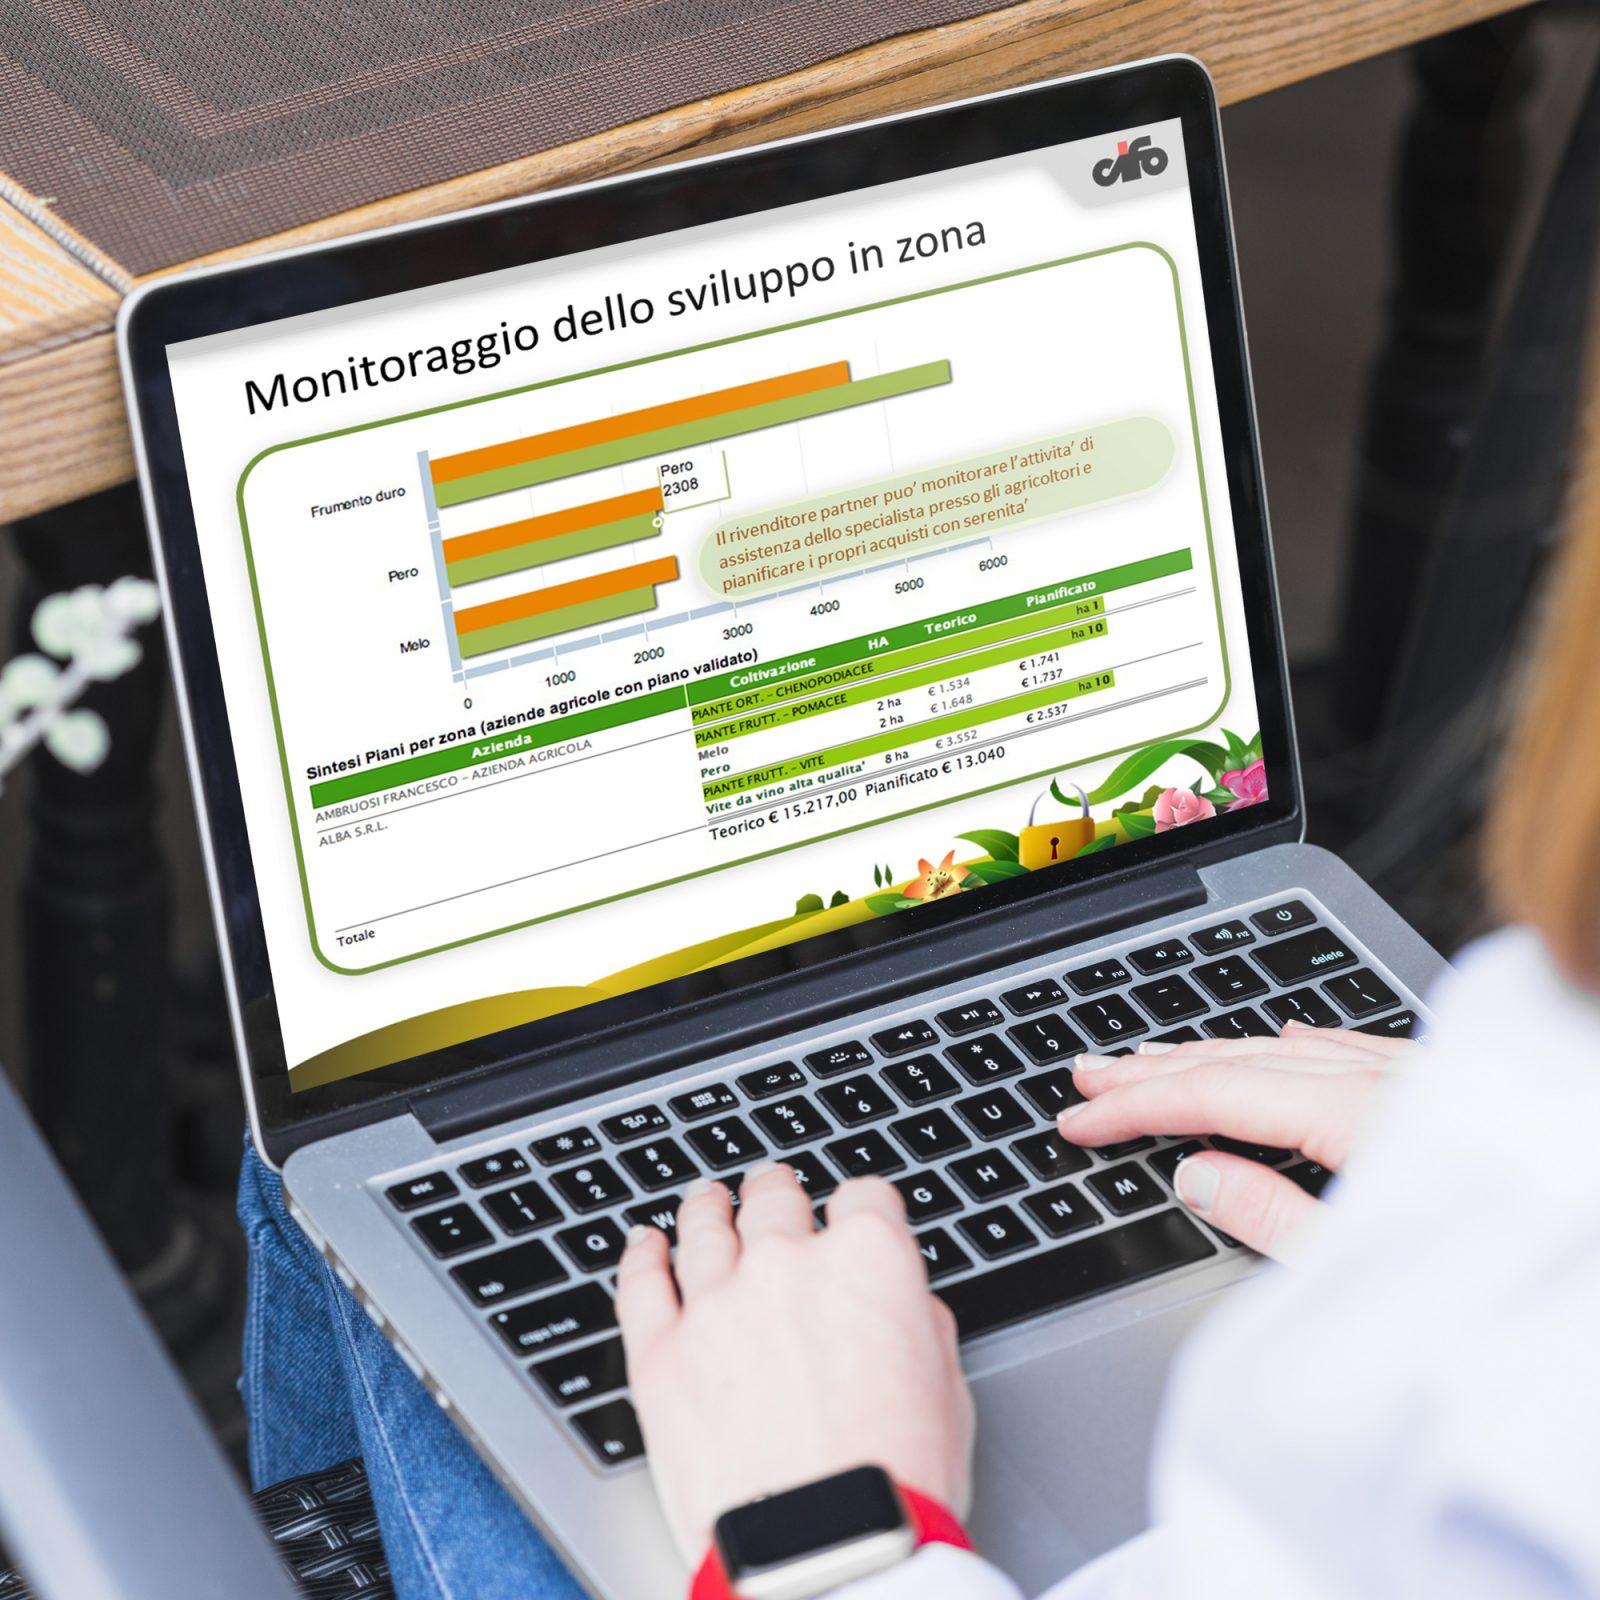 Gestionale per monitorare le attività sul cliente